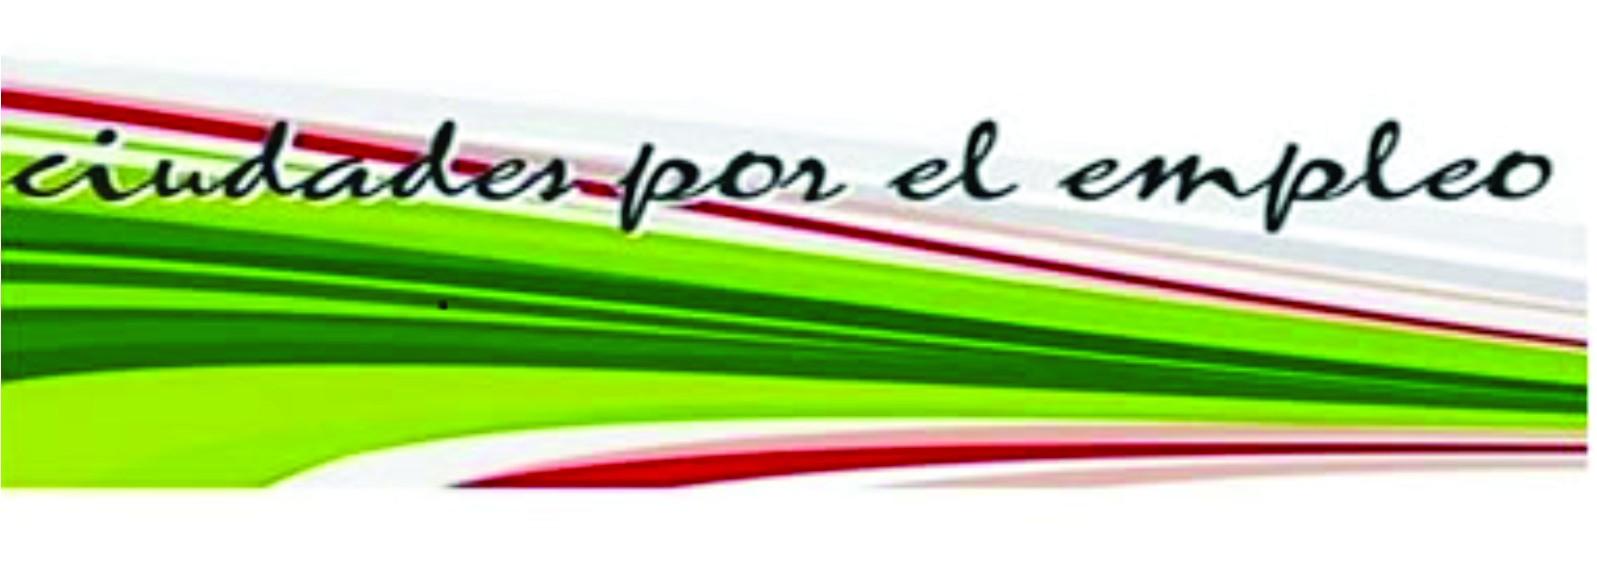 Logo Ciudades por el empleo